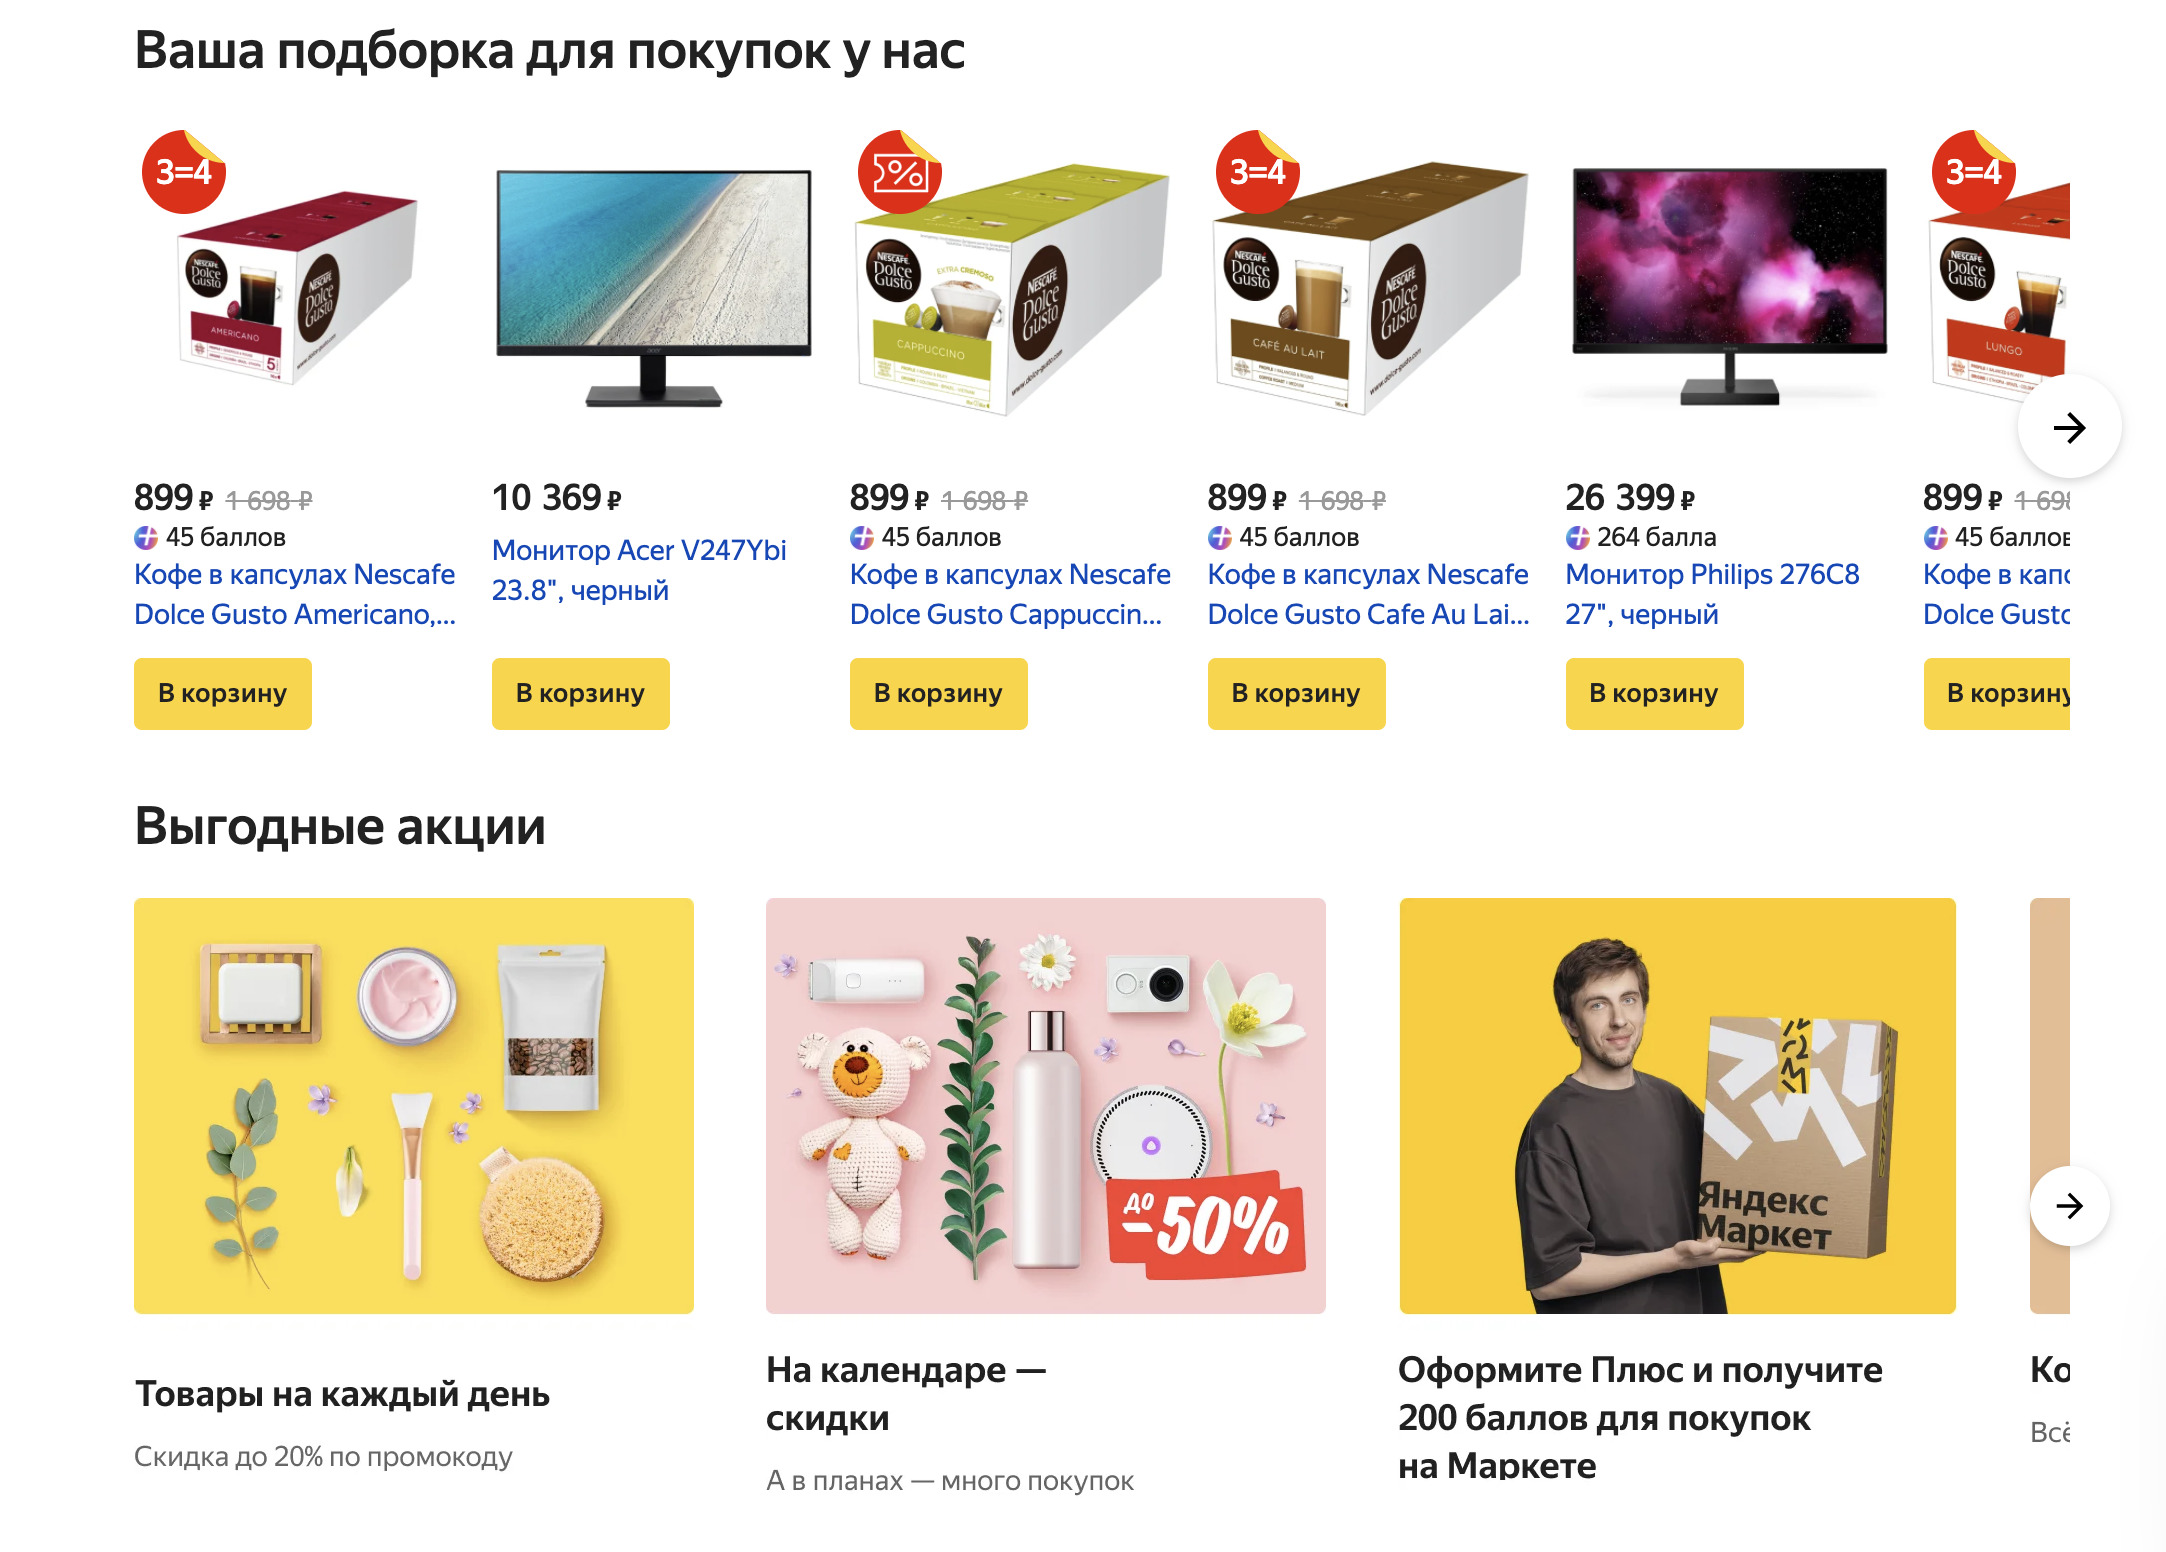 Доставка из Яндекс.Маркет в Новомосковск, сроки, пункты выдачи, каталог